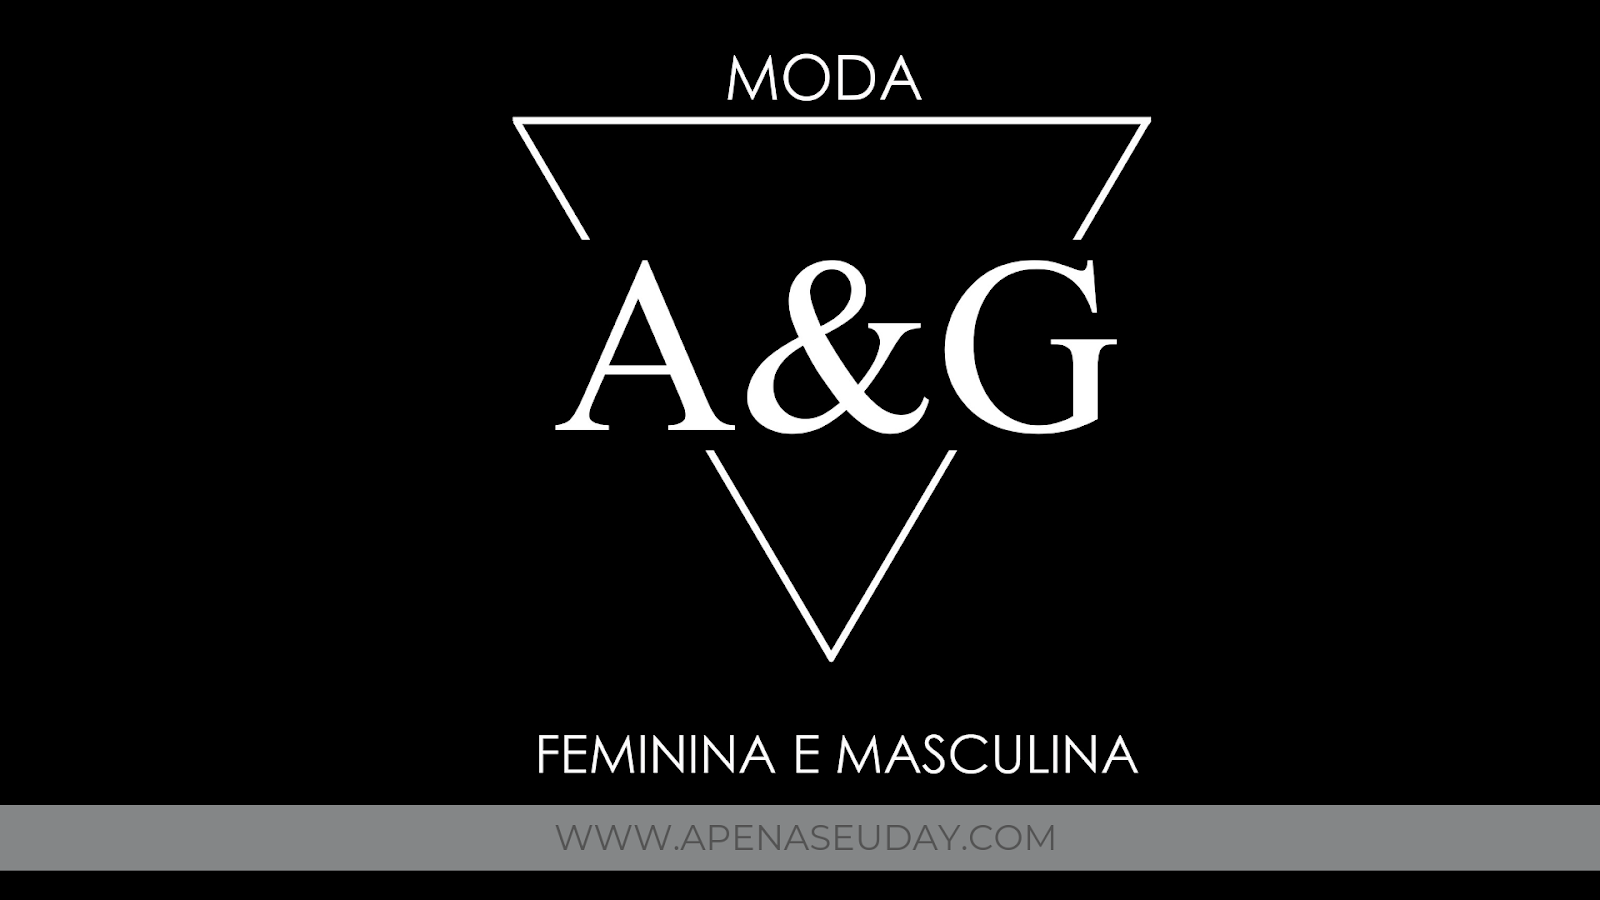 Inauguração loja A&G Moda Feminina e Masculina com uma grande variedade em roupas masculinas e femininas trazendo o que tem de mais trend e fashionista no mundo da moda, do Shopping Popular. Saiba mais agora!